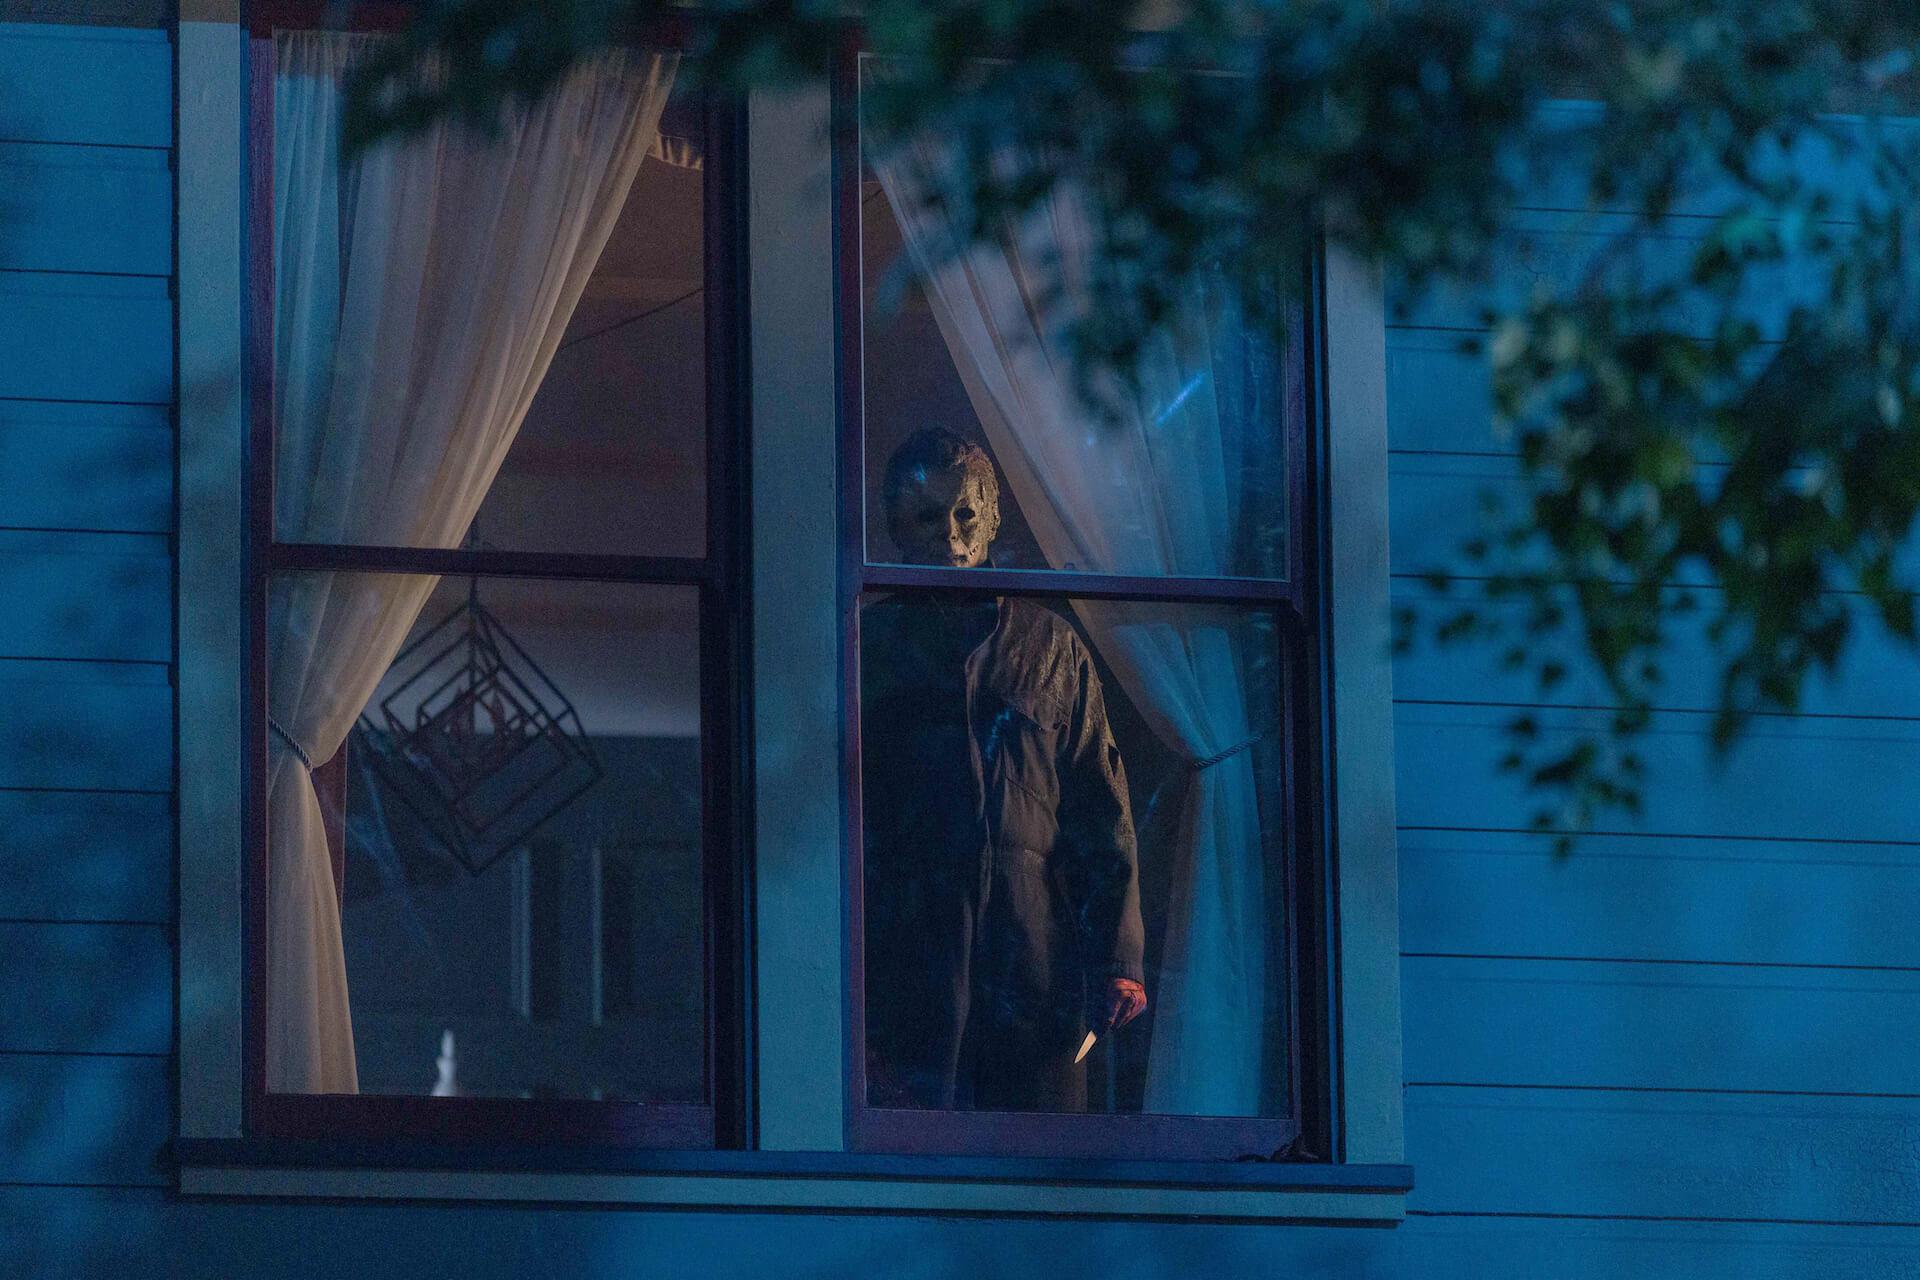 恐怖の『ハロウィン KILLS』公開を前にかわいい&わかりやすい漫画でこれまでをおさらい!レイナスによる漫画2種類が解禁 film210917_halloween_kills_6